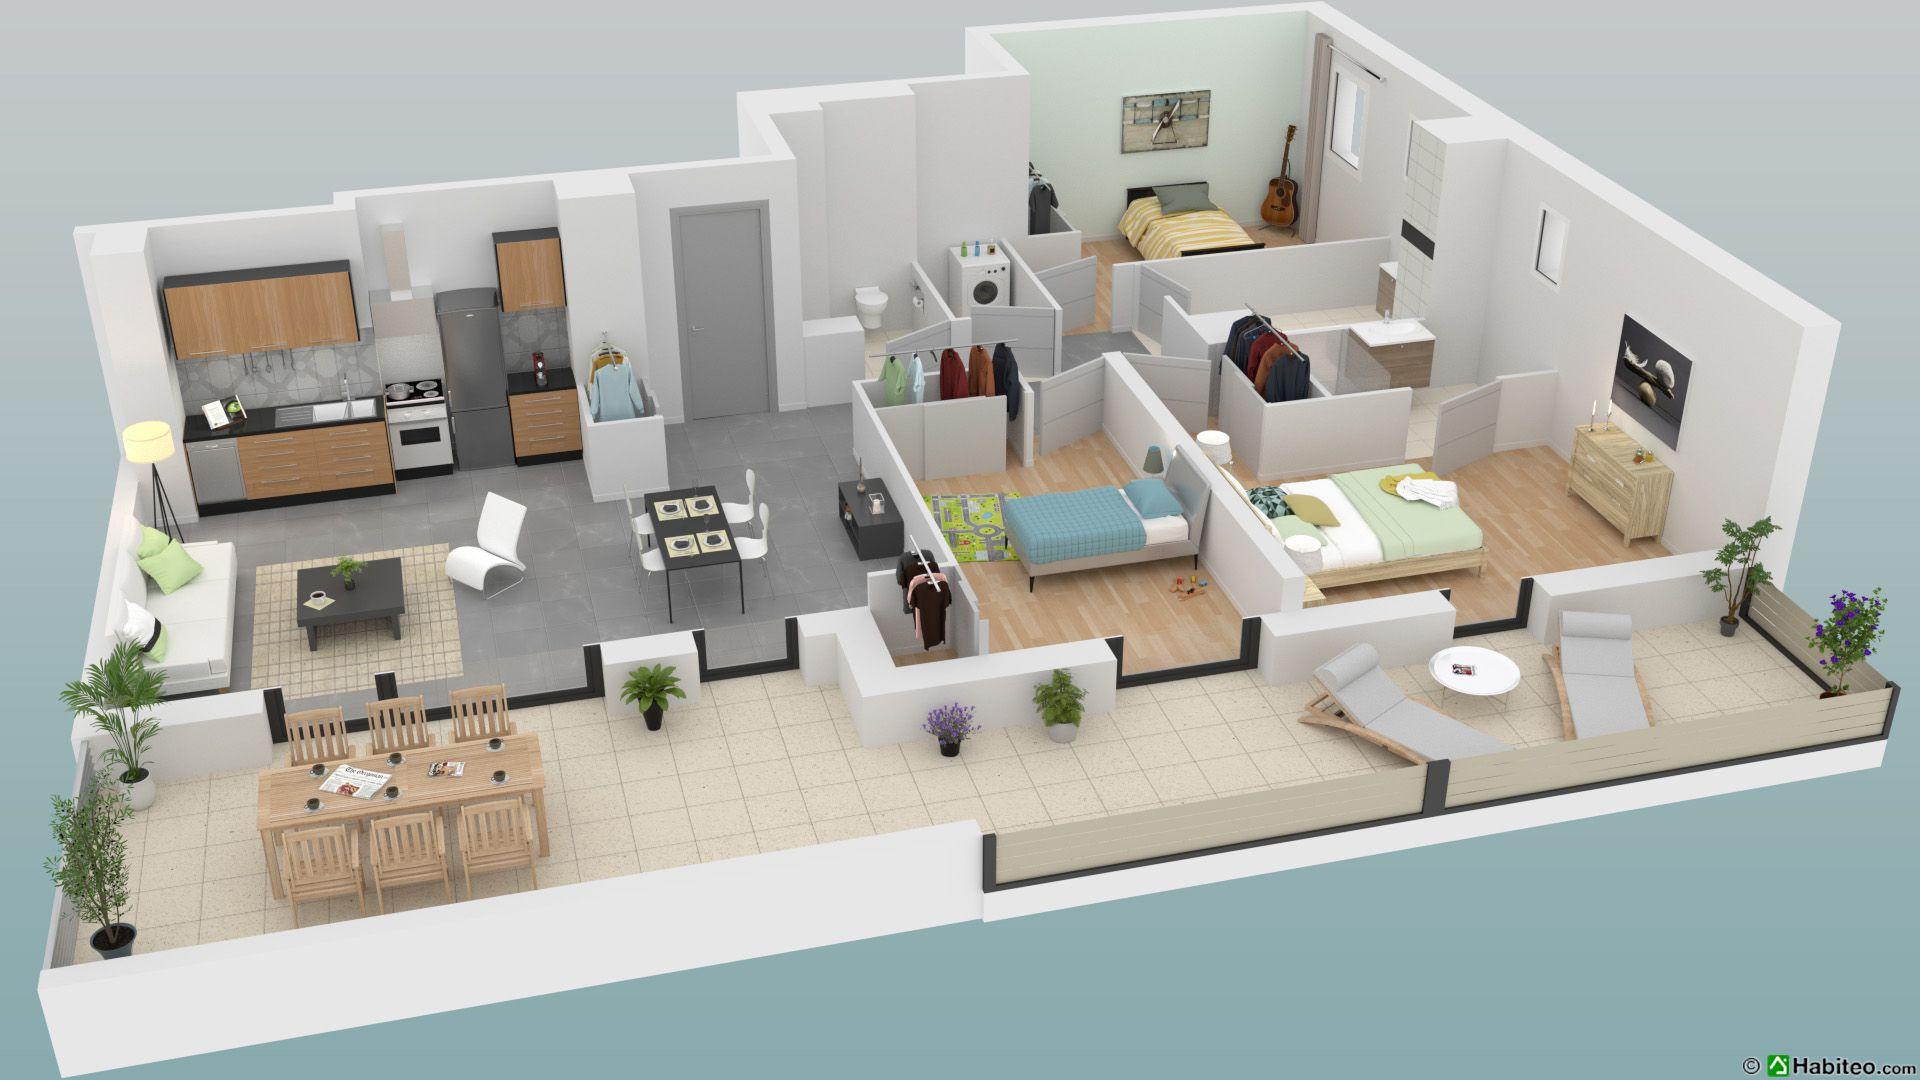 plan d'appartement moderne